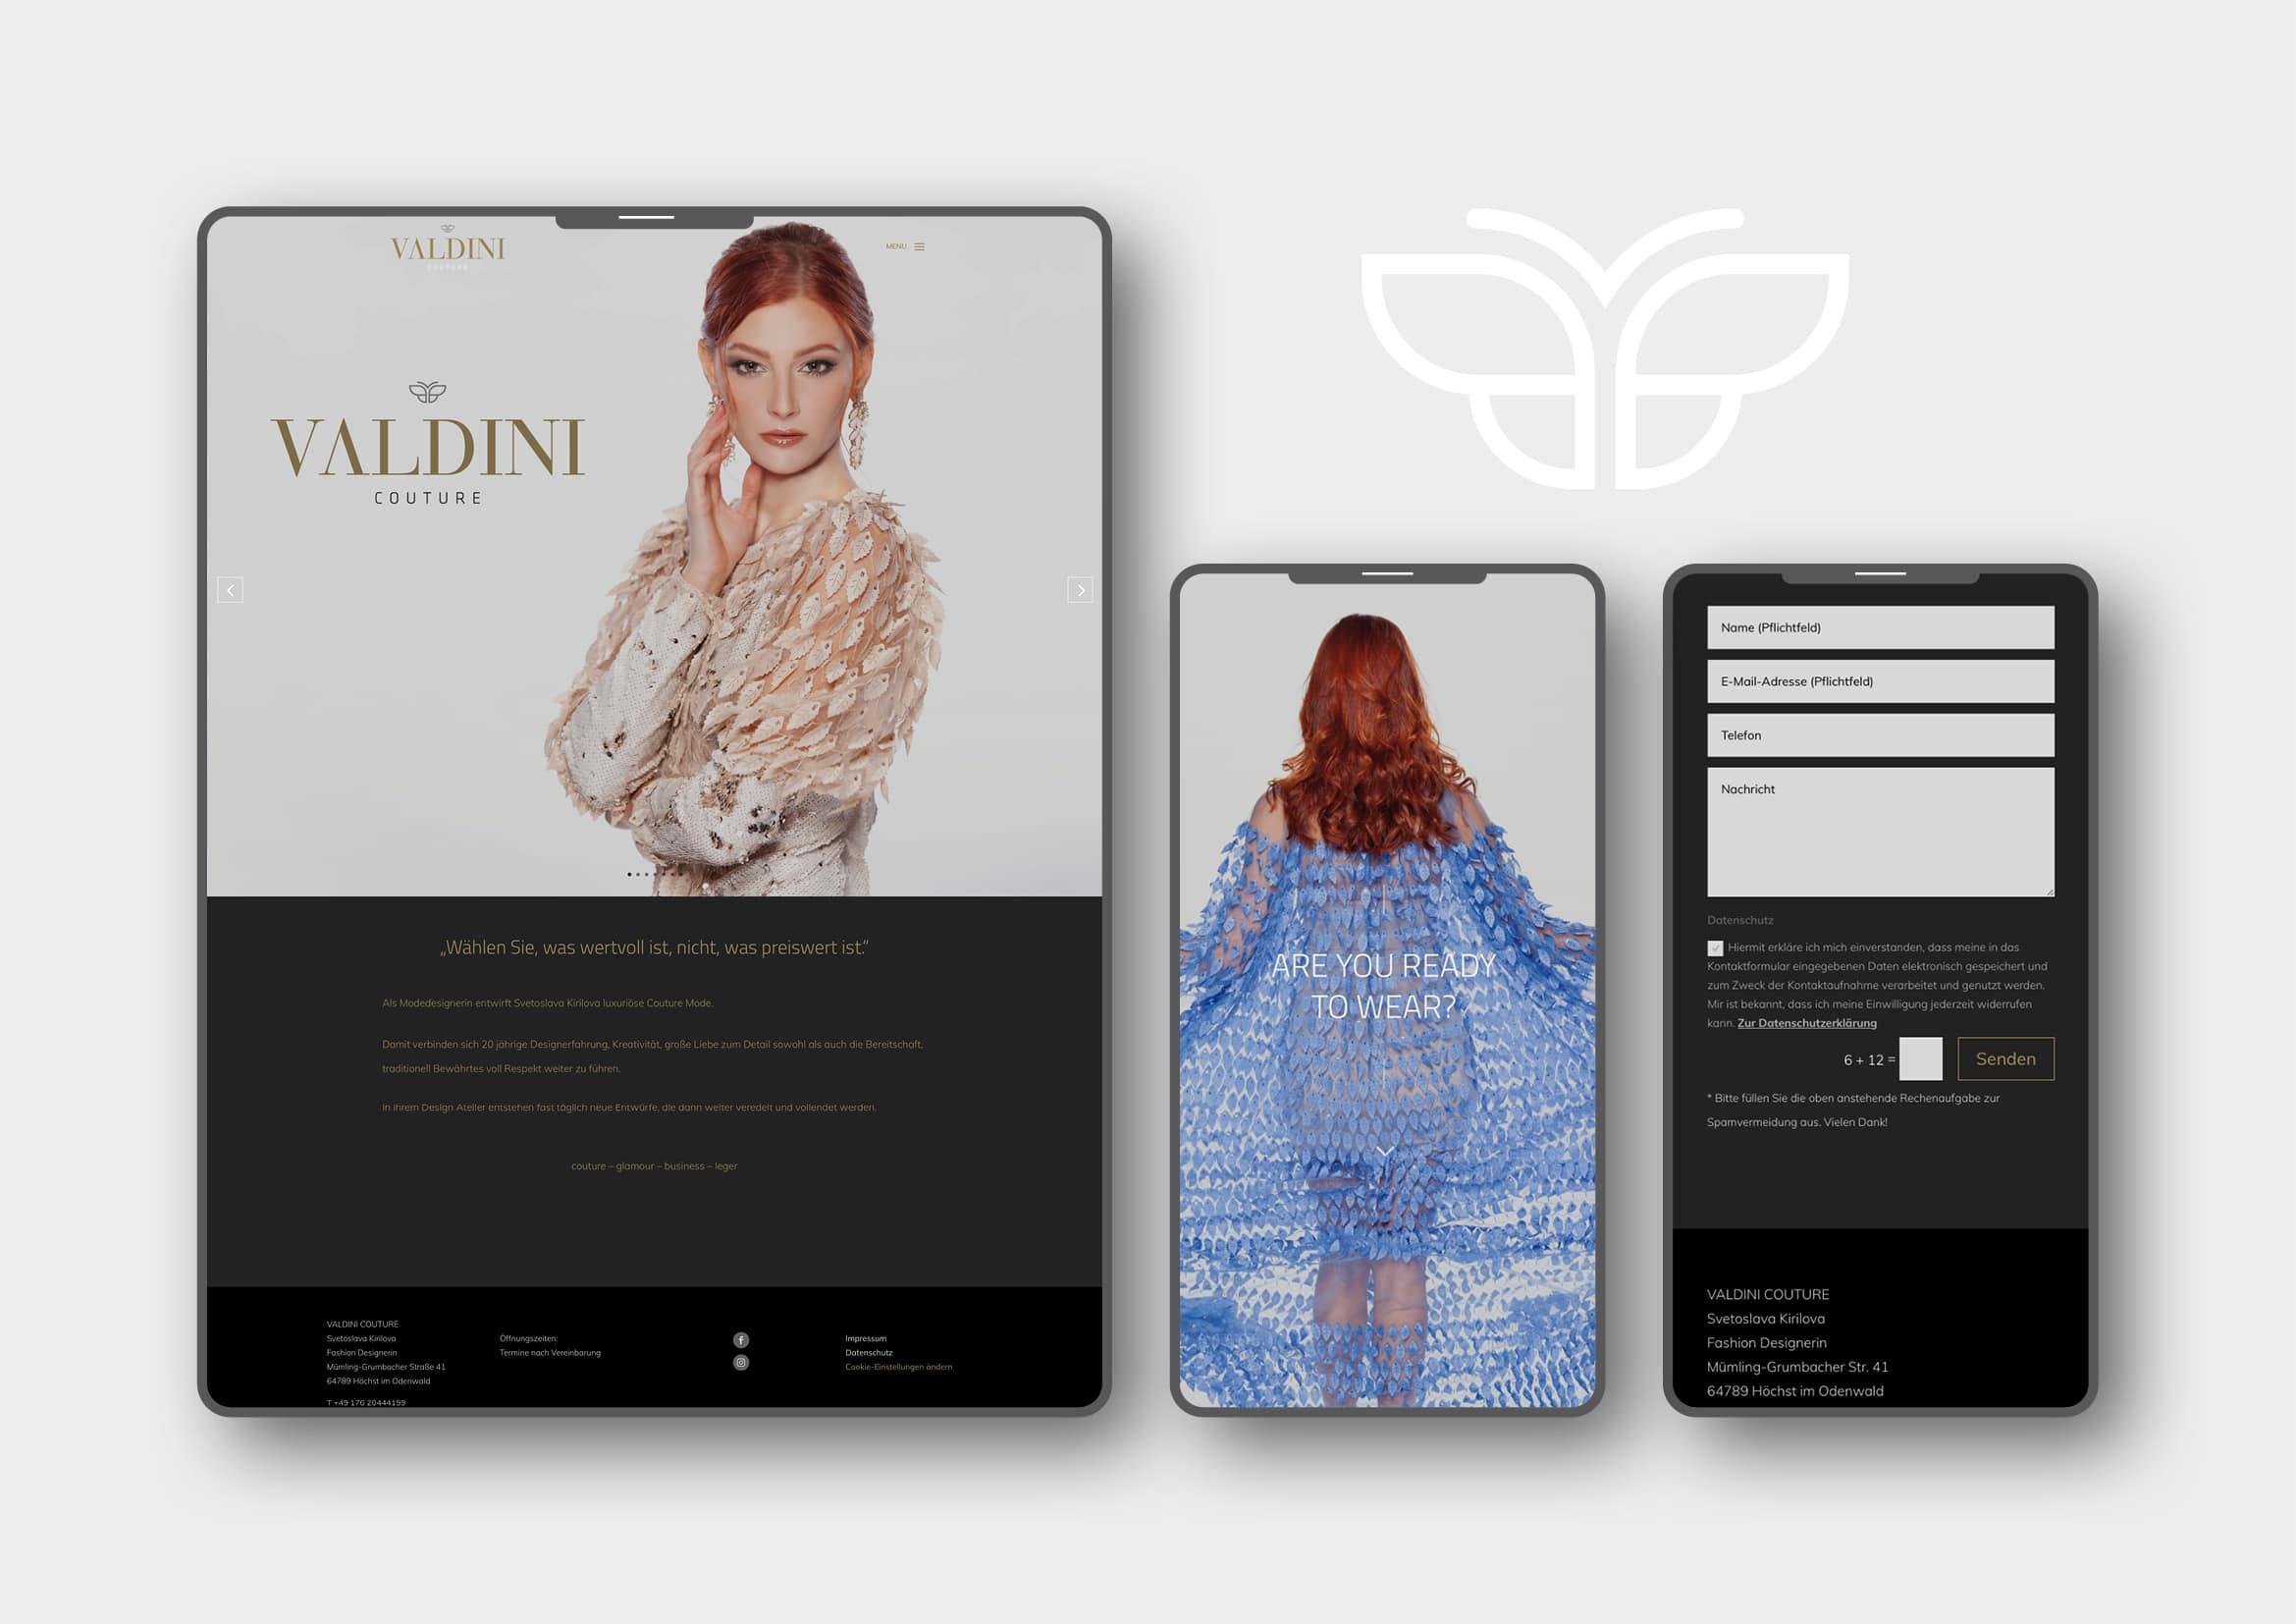 Webdesign Entwicklung für Valdini Couture durch Ronald Wissler Visuelle Kommunikation